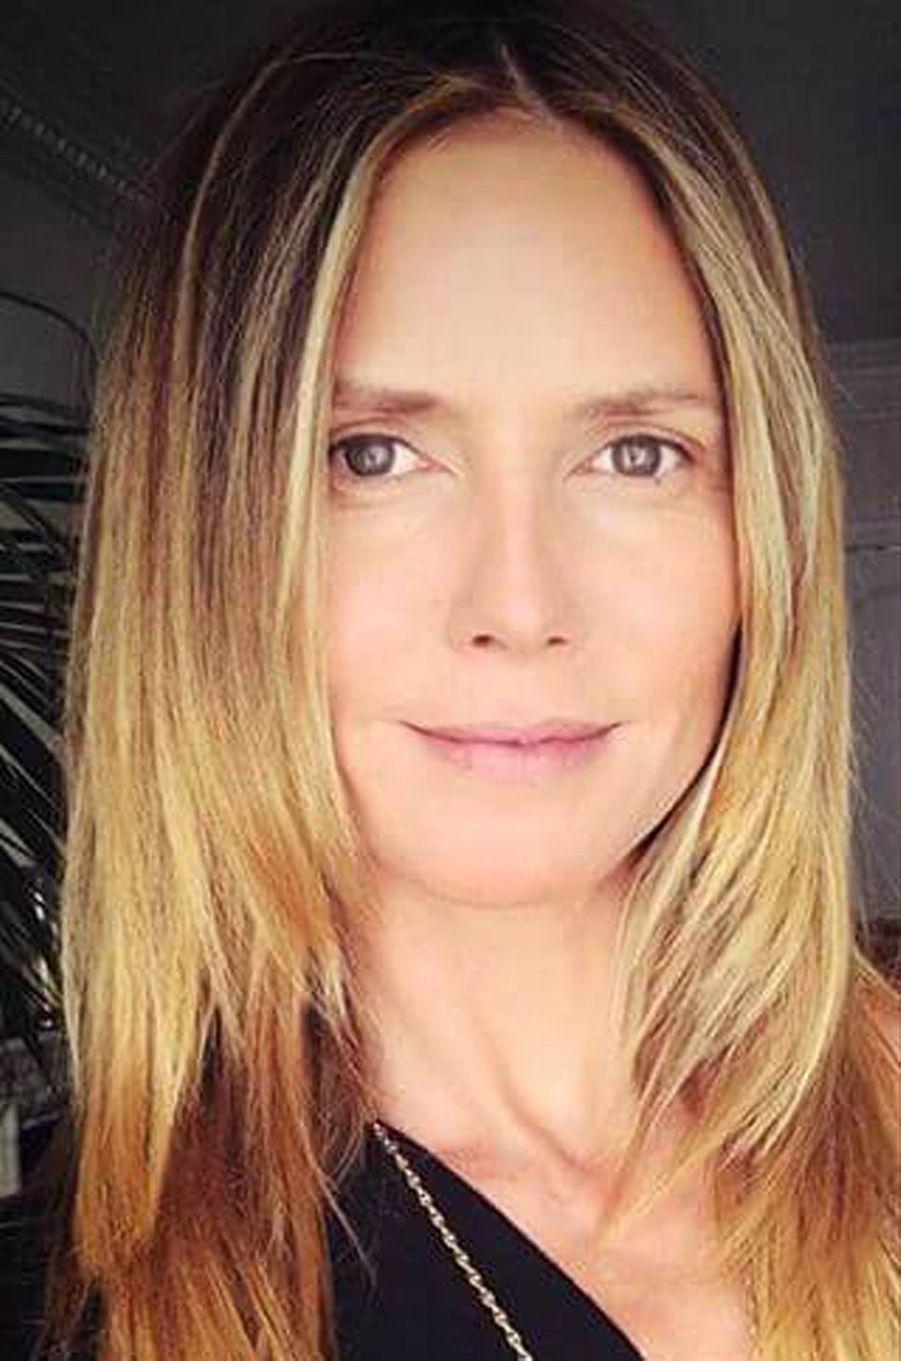 Heidi Klum au naturel.